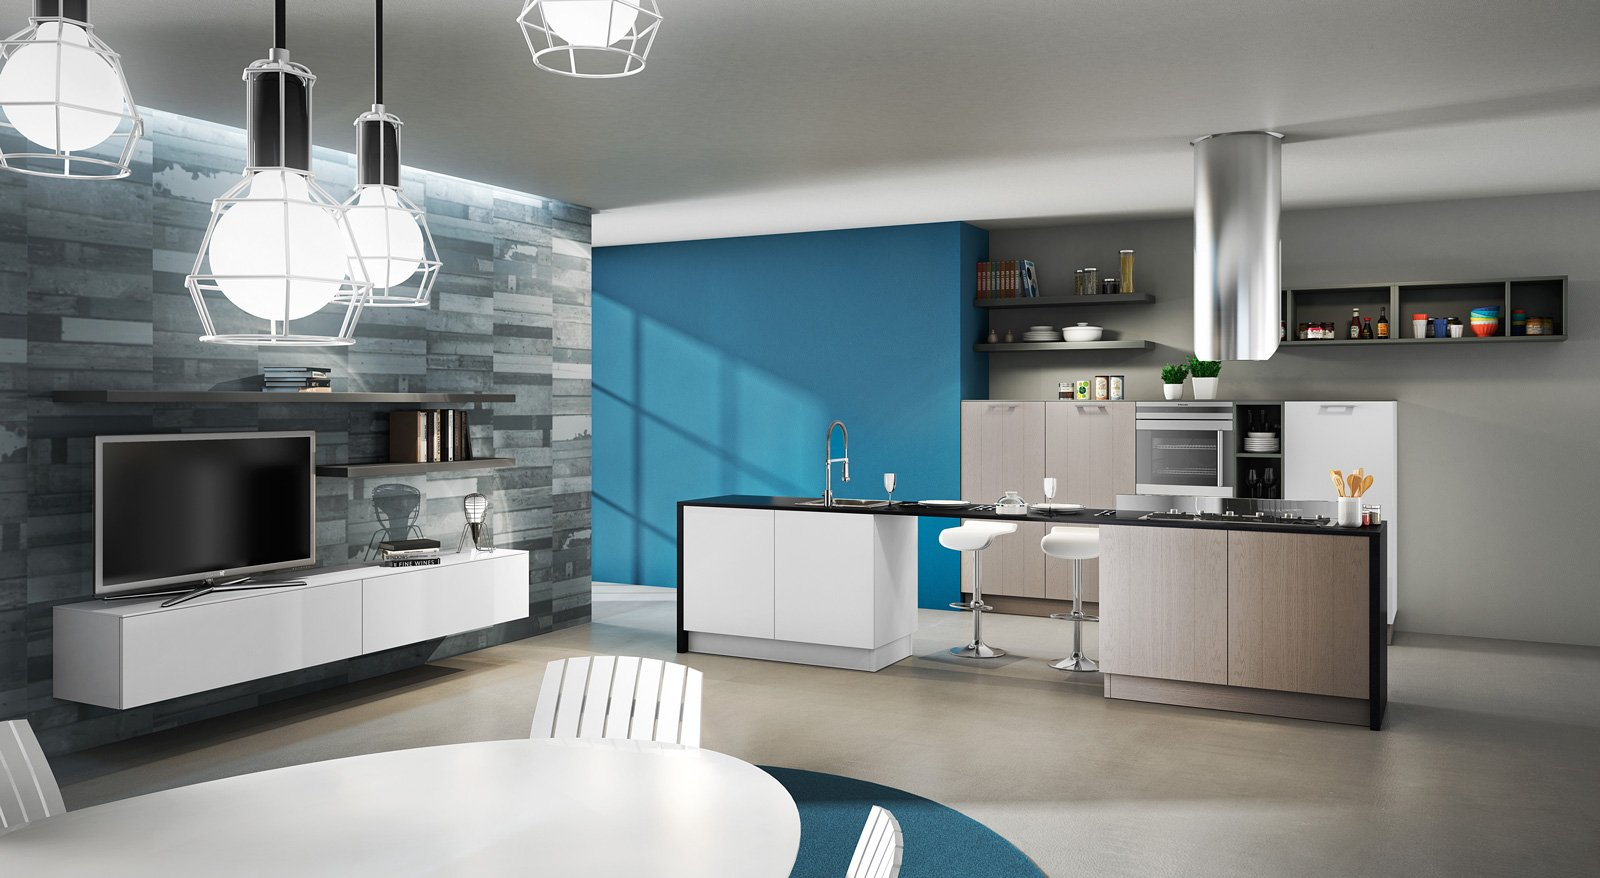 Arredamento cucine piccole cose di casa for G g arredamenti